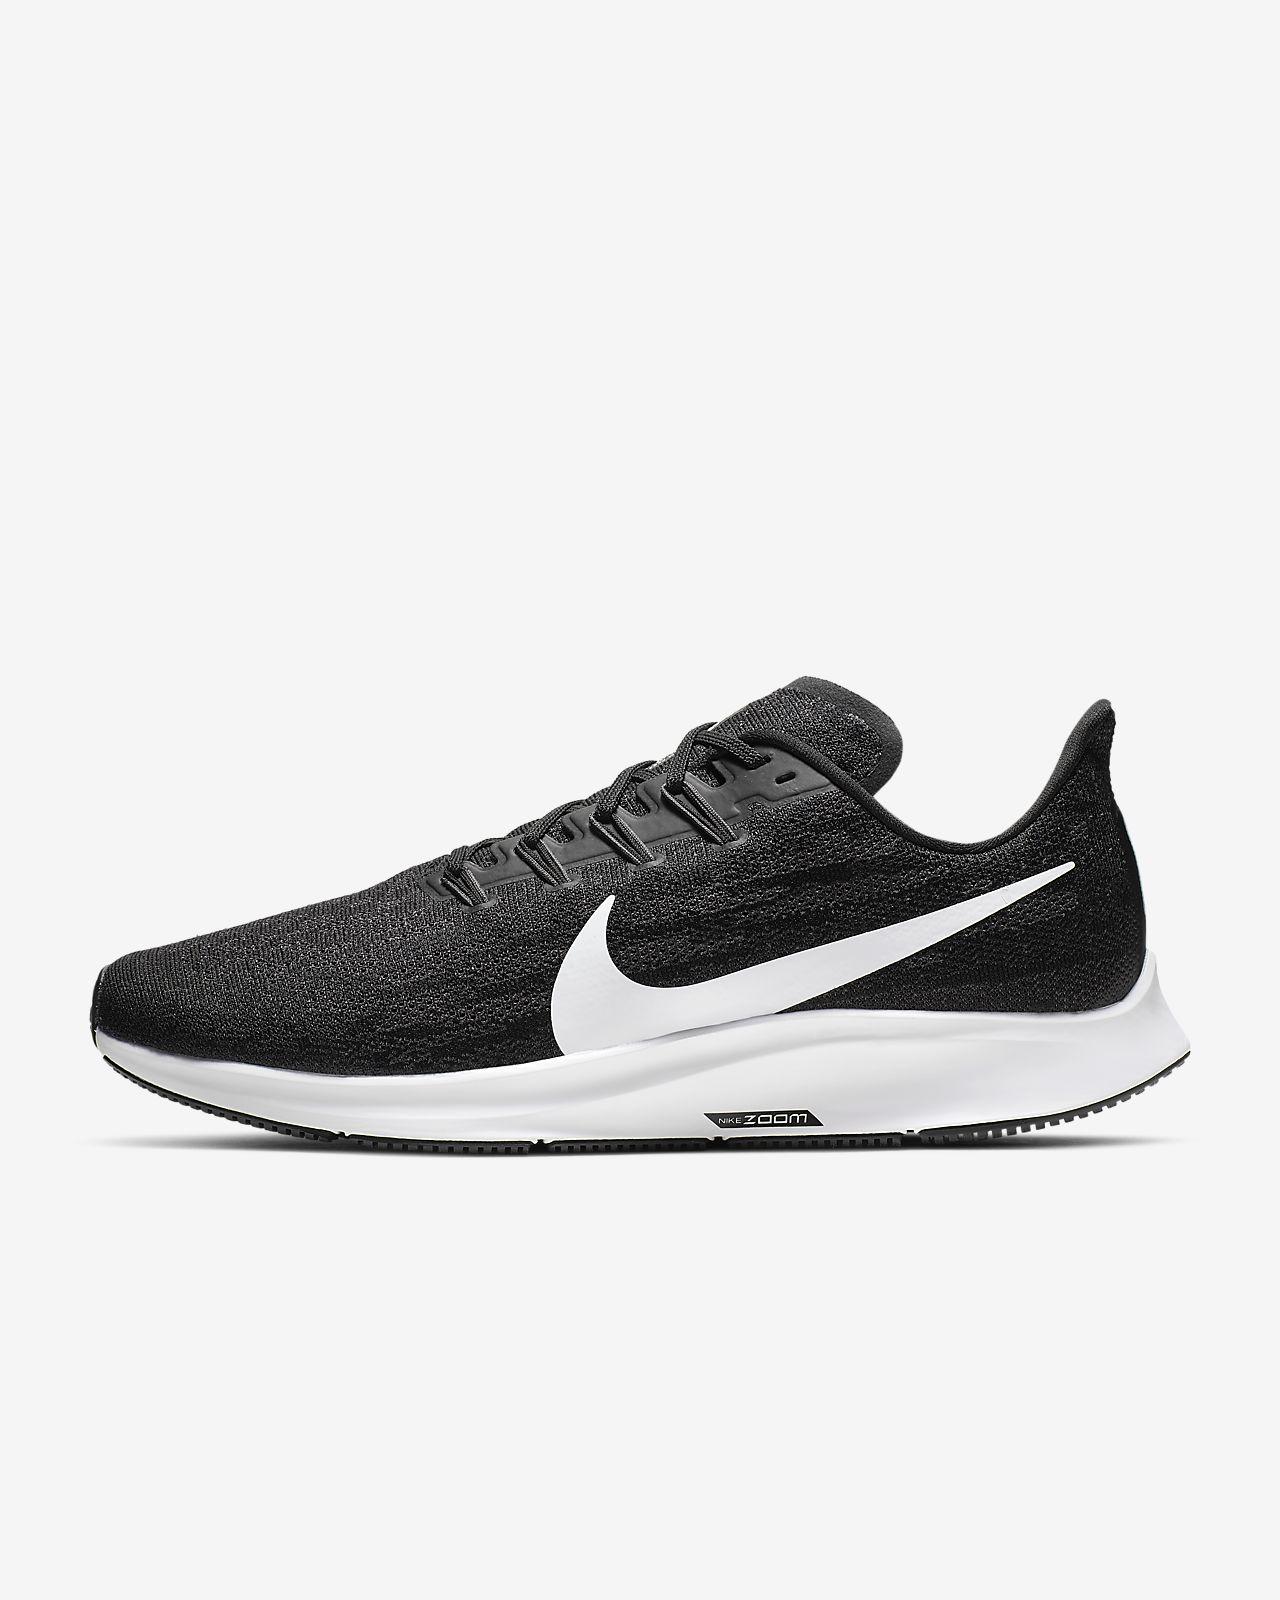 รองเท้าวิ่งผู้ชาย Nike Air Zoom Pegasus 36 (หน้ากว้างพิเศษ)